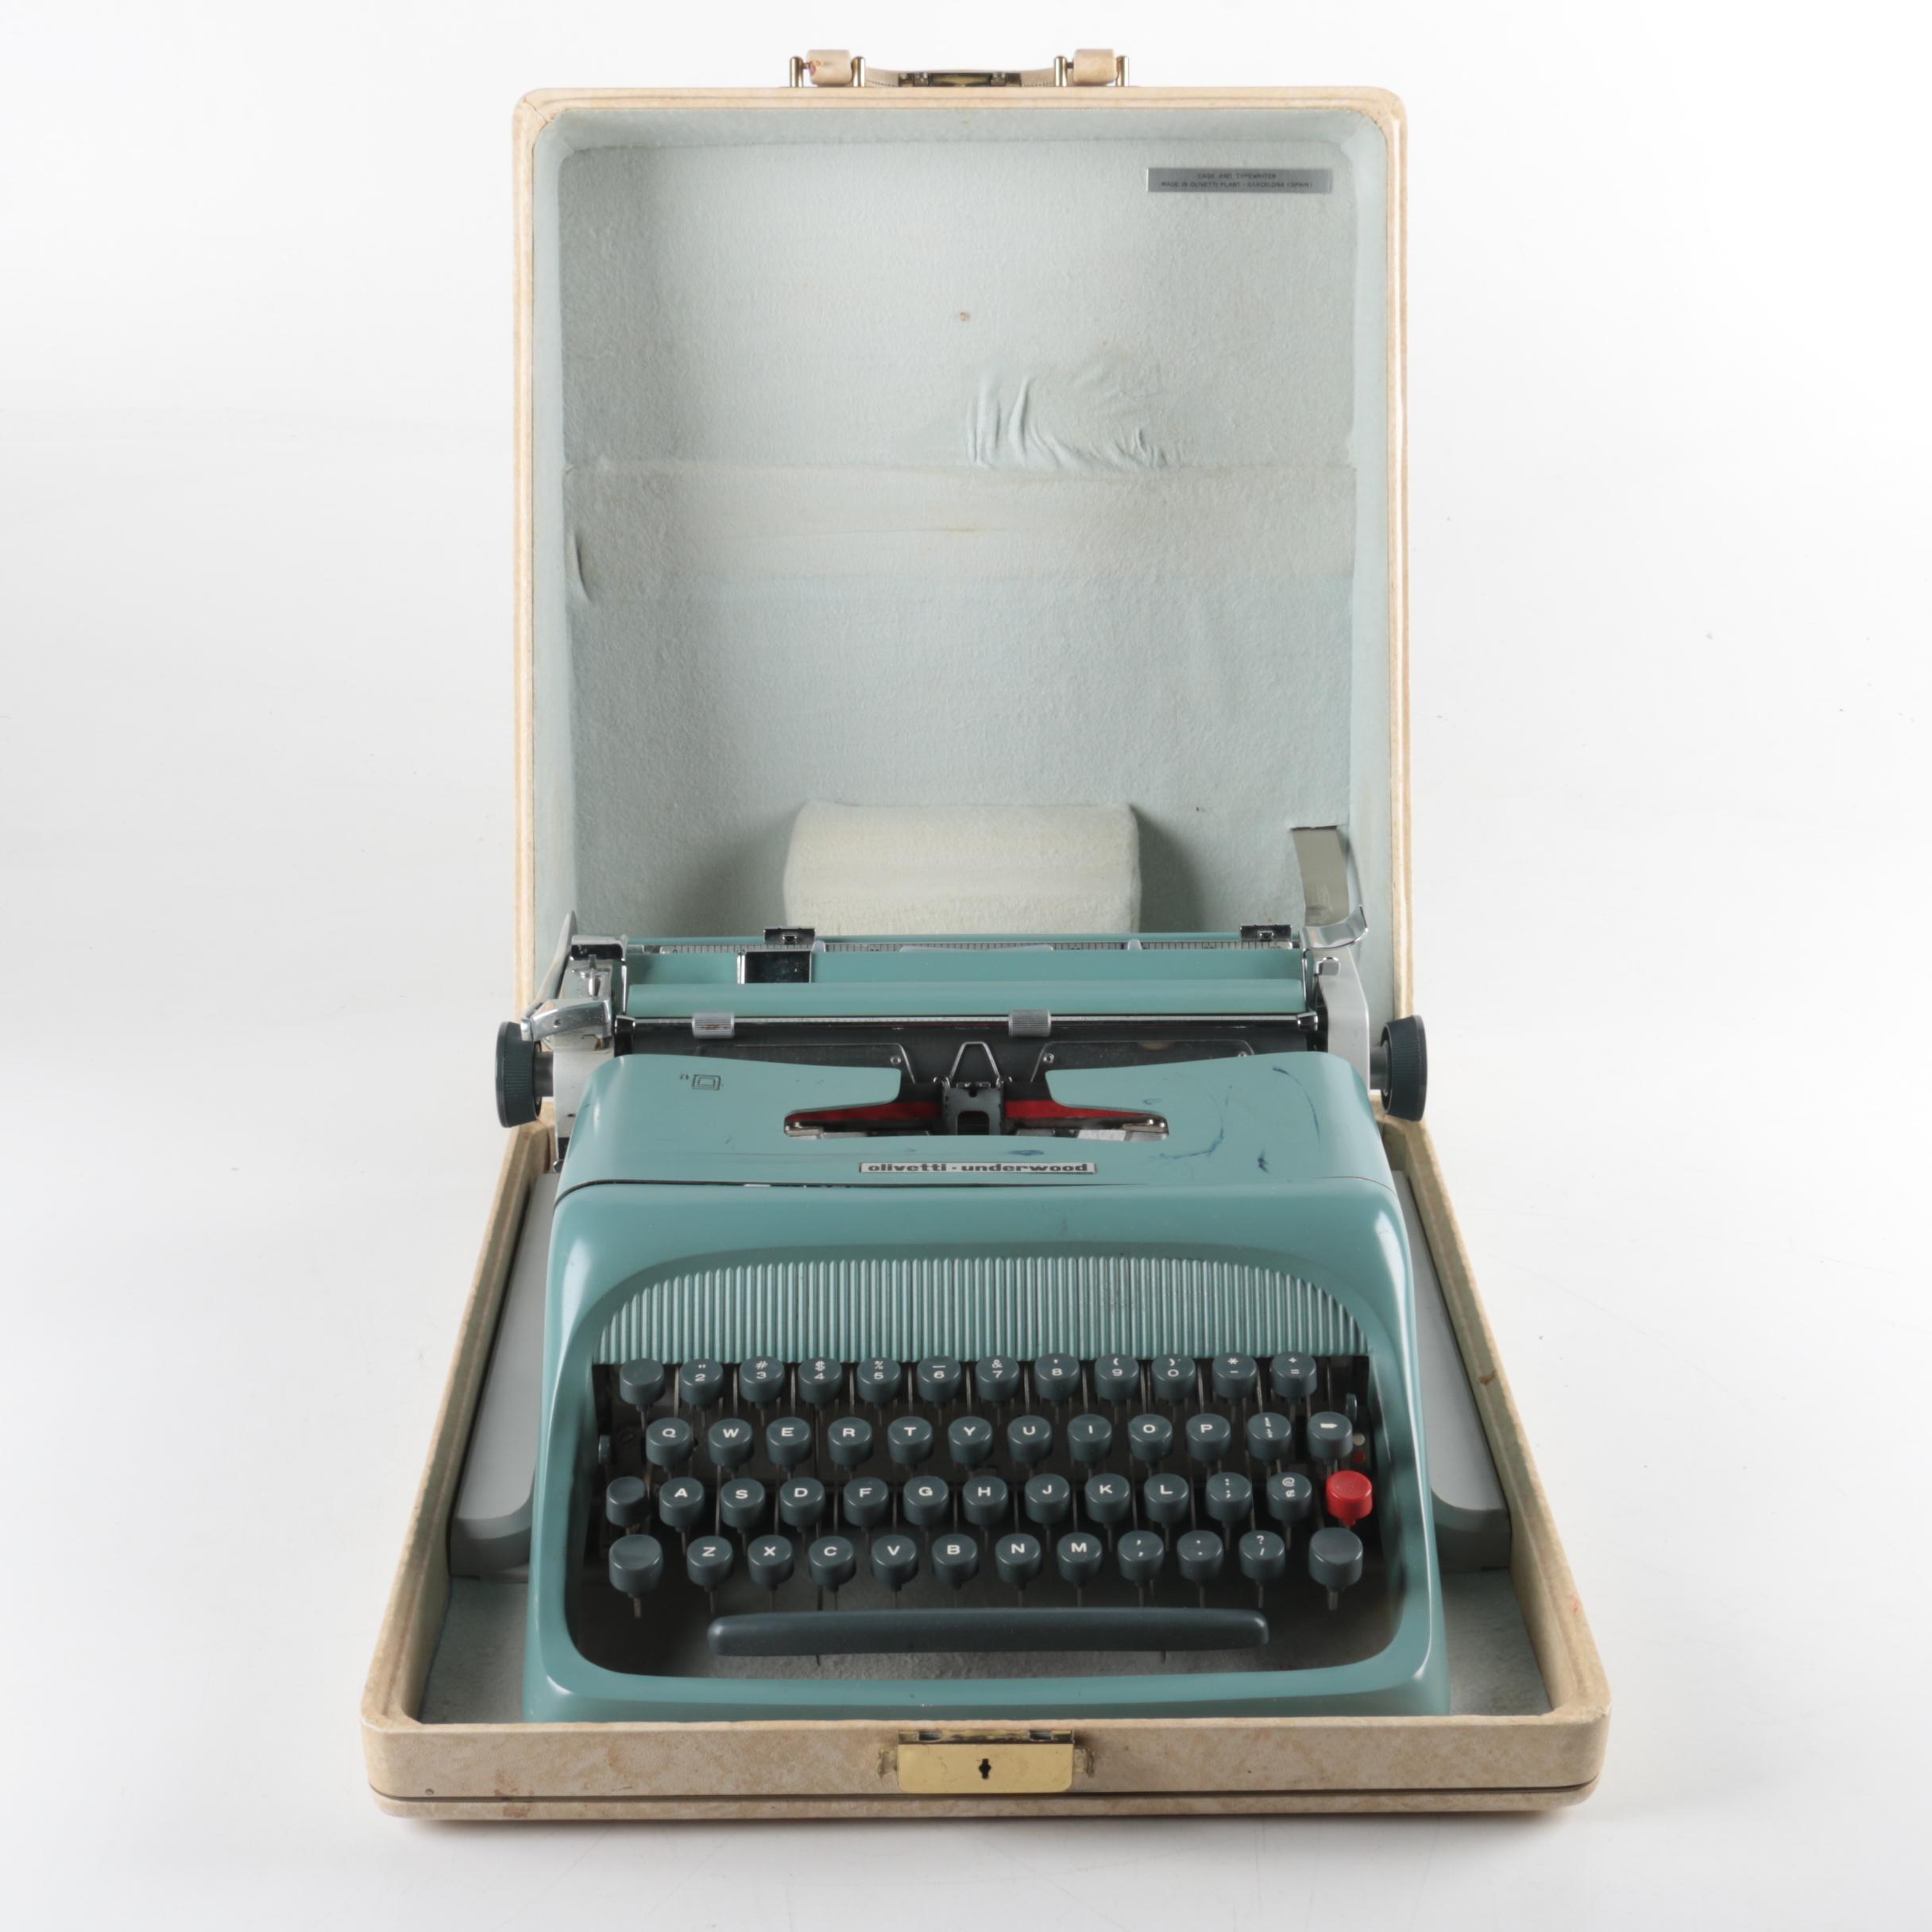 Vintage Olivetti-Underwood Typewriter